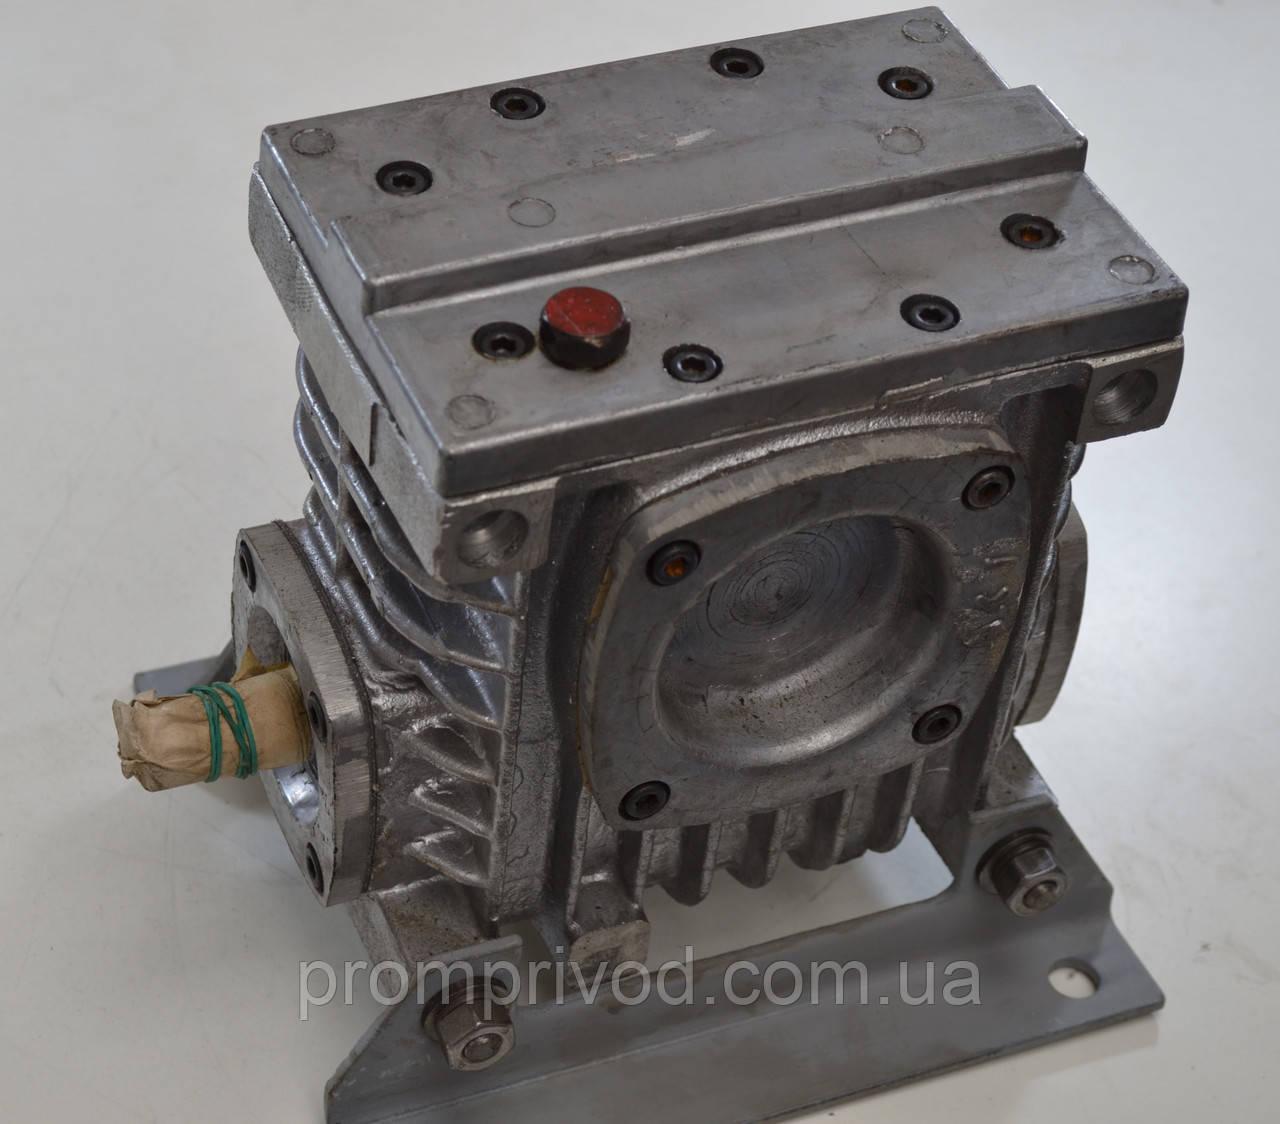 Червячный редуктор 2Ч-40-25